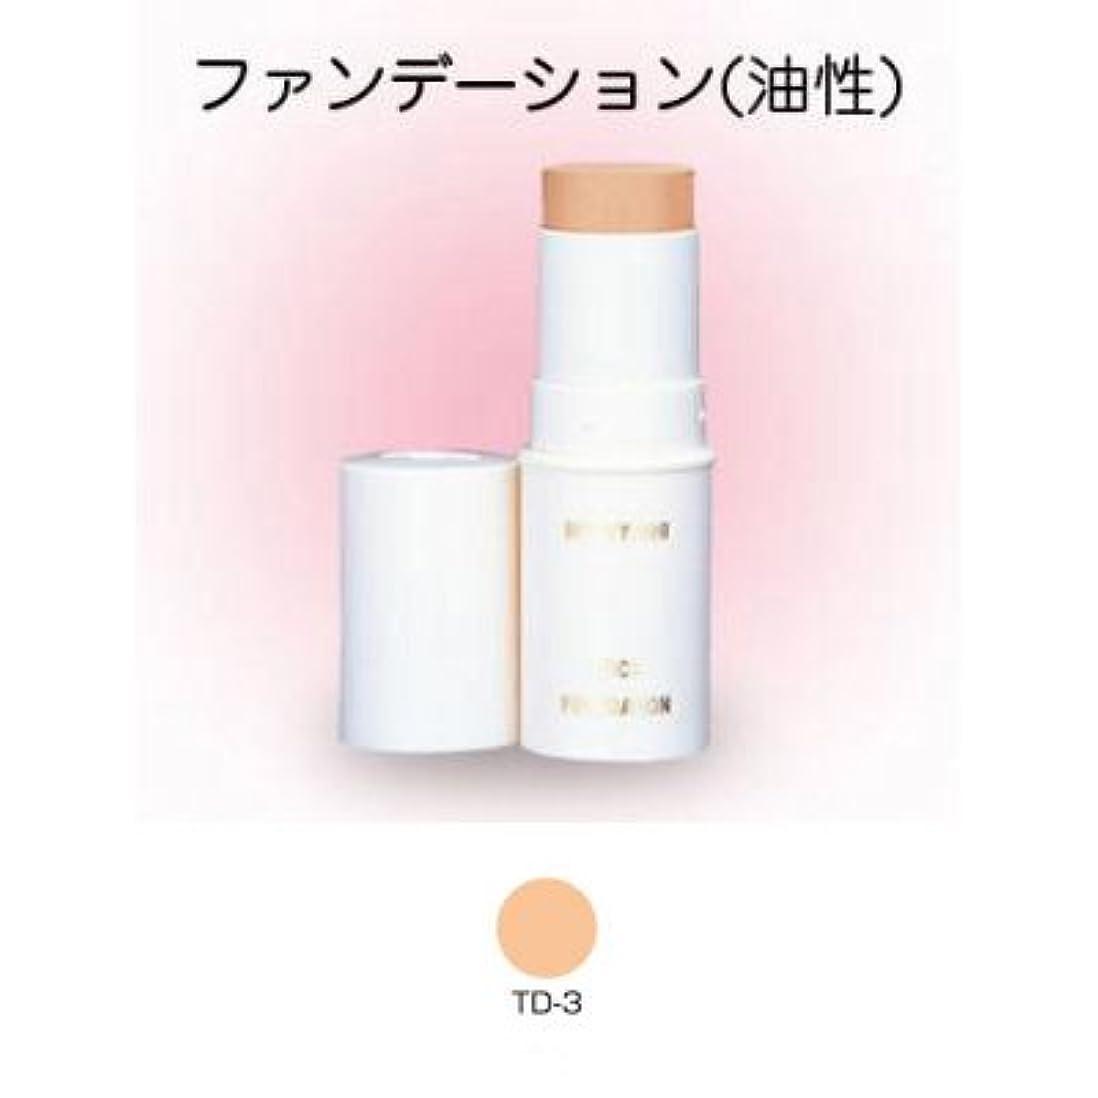 スティックファンデーション 16g TD-3 【三善】